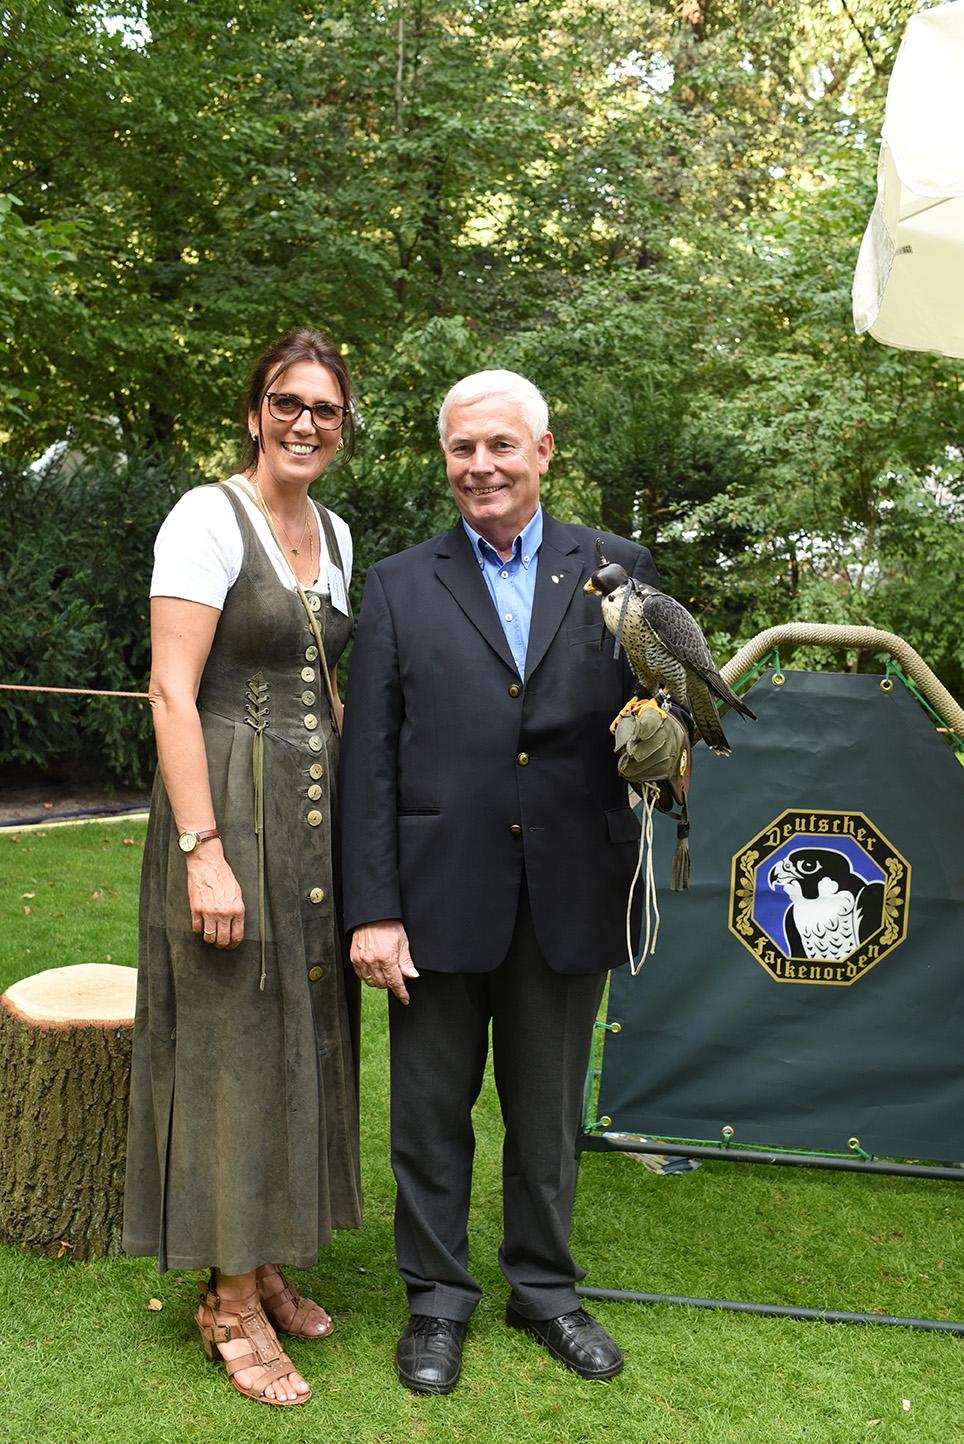 Norbert Leben posiert neben einer Falknerin mit Falke auf dem Arm